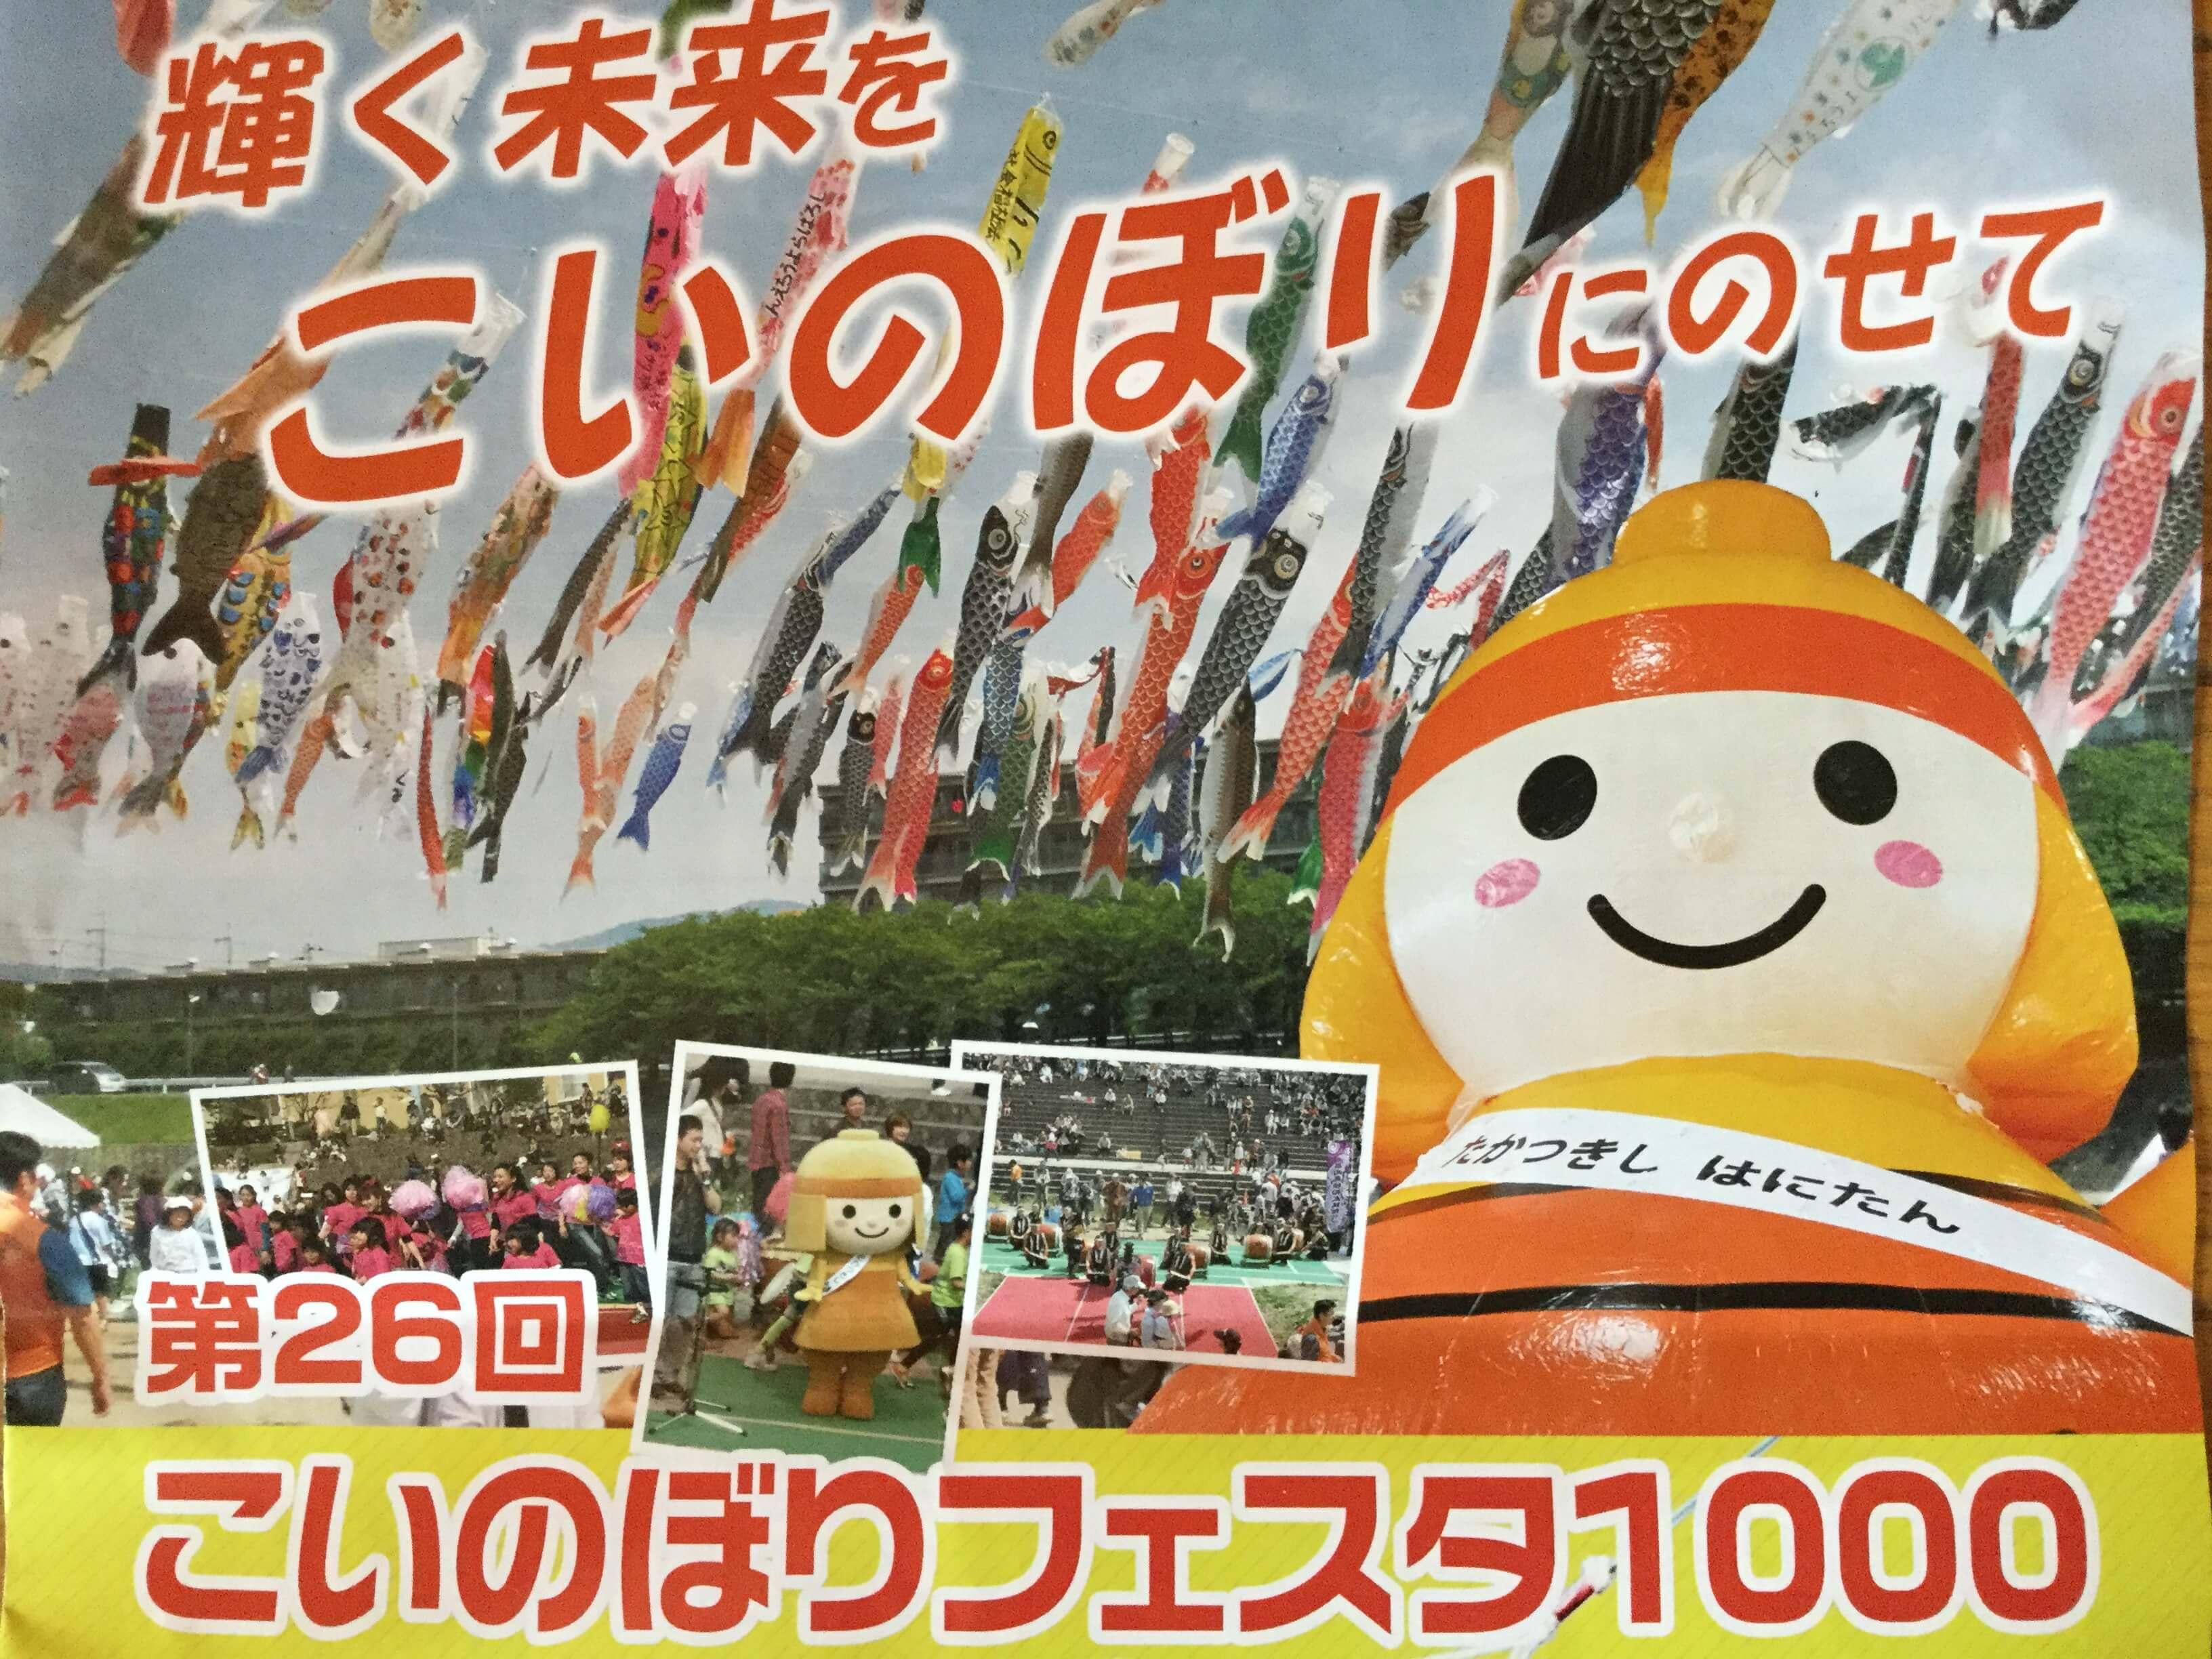 【2017年】高槻こいのぼりフェスタ1000!イベント日時とこいのぼりが泳ぐ期間。